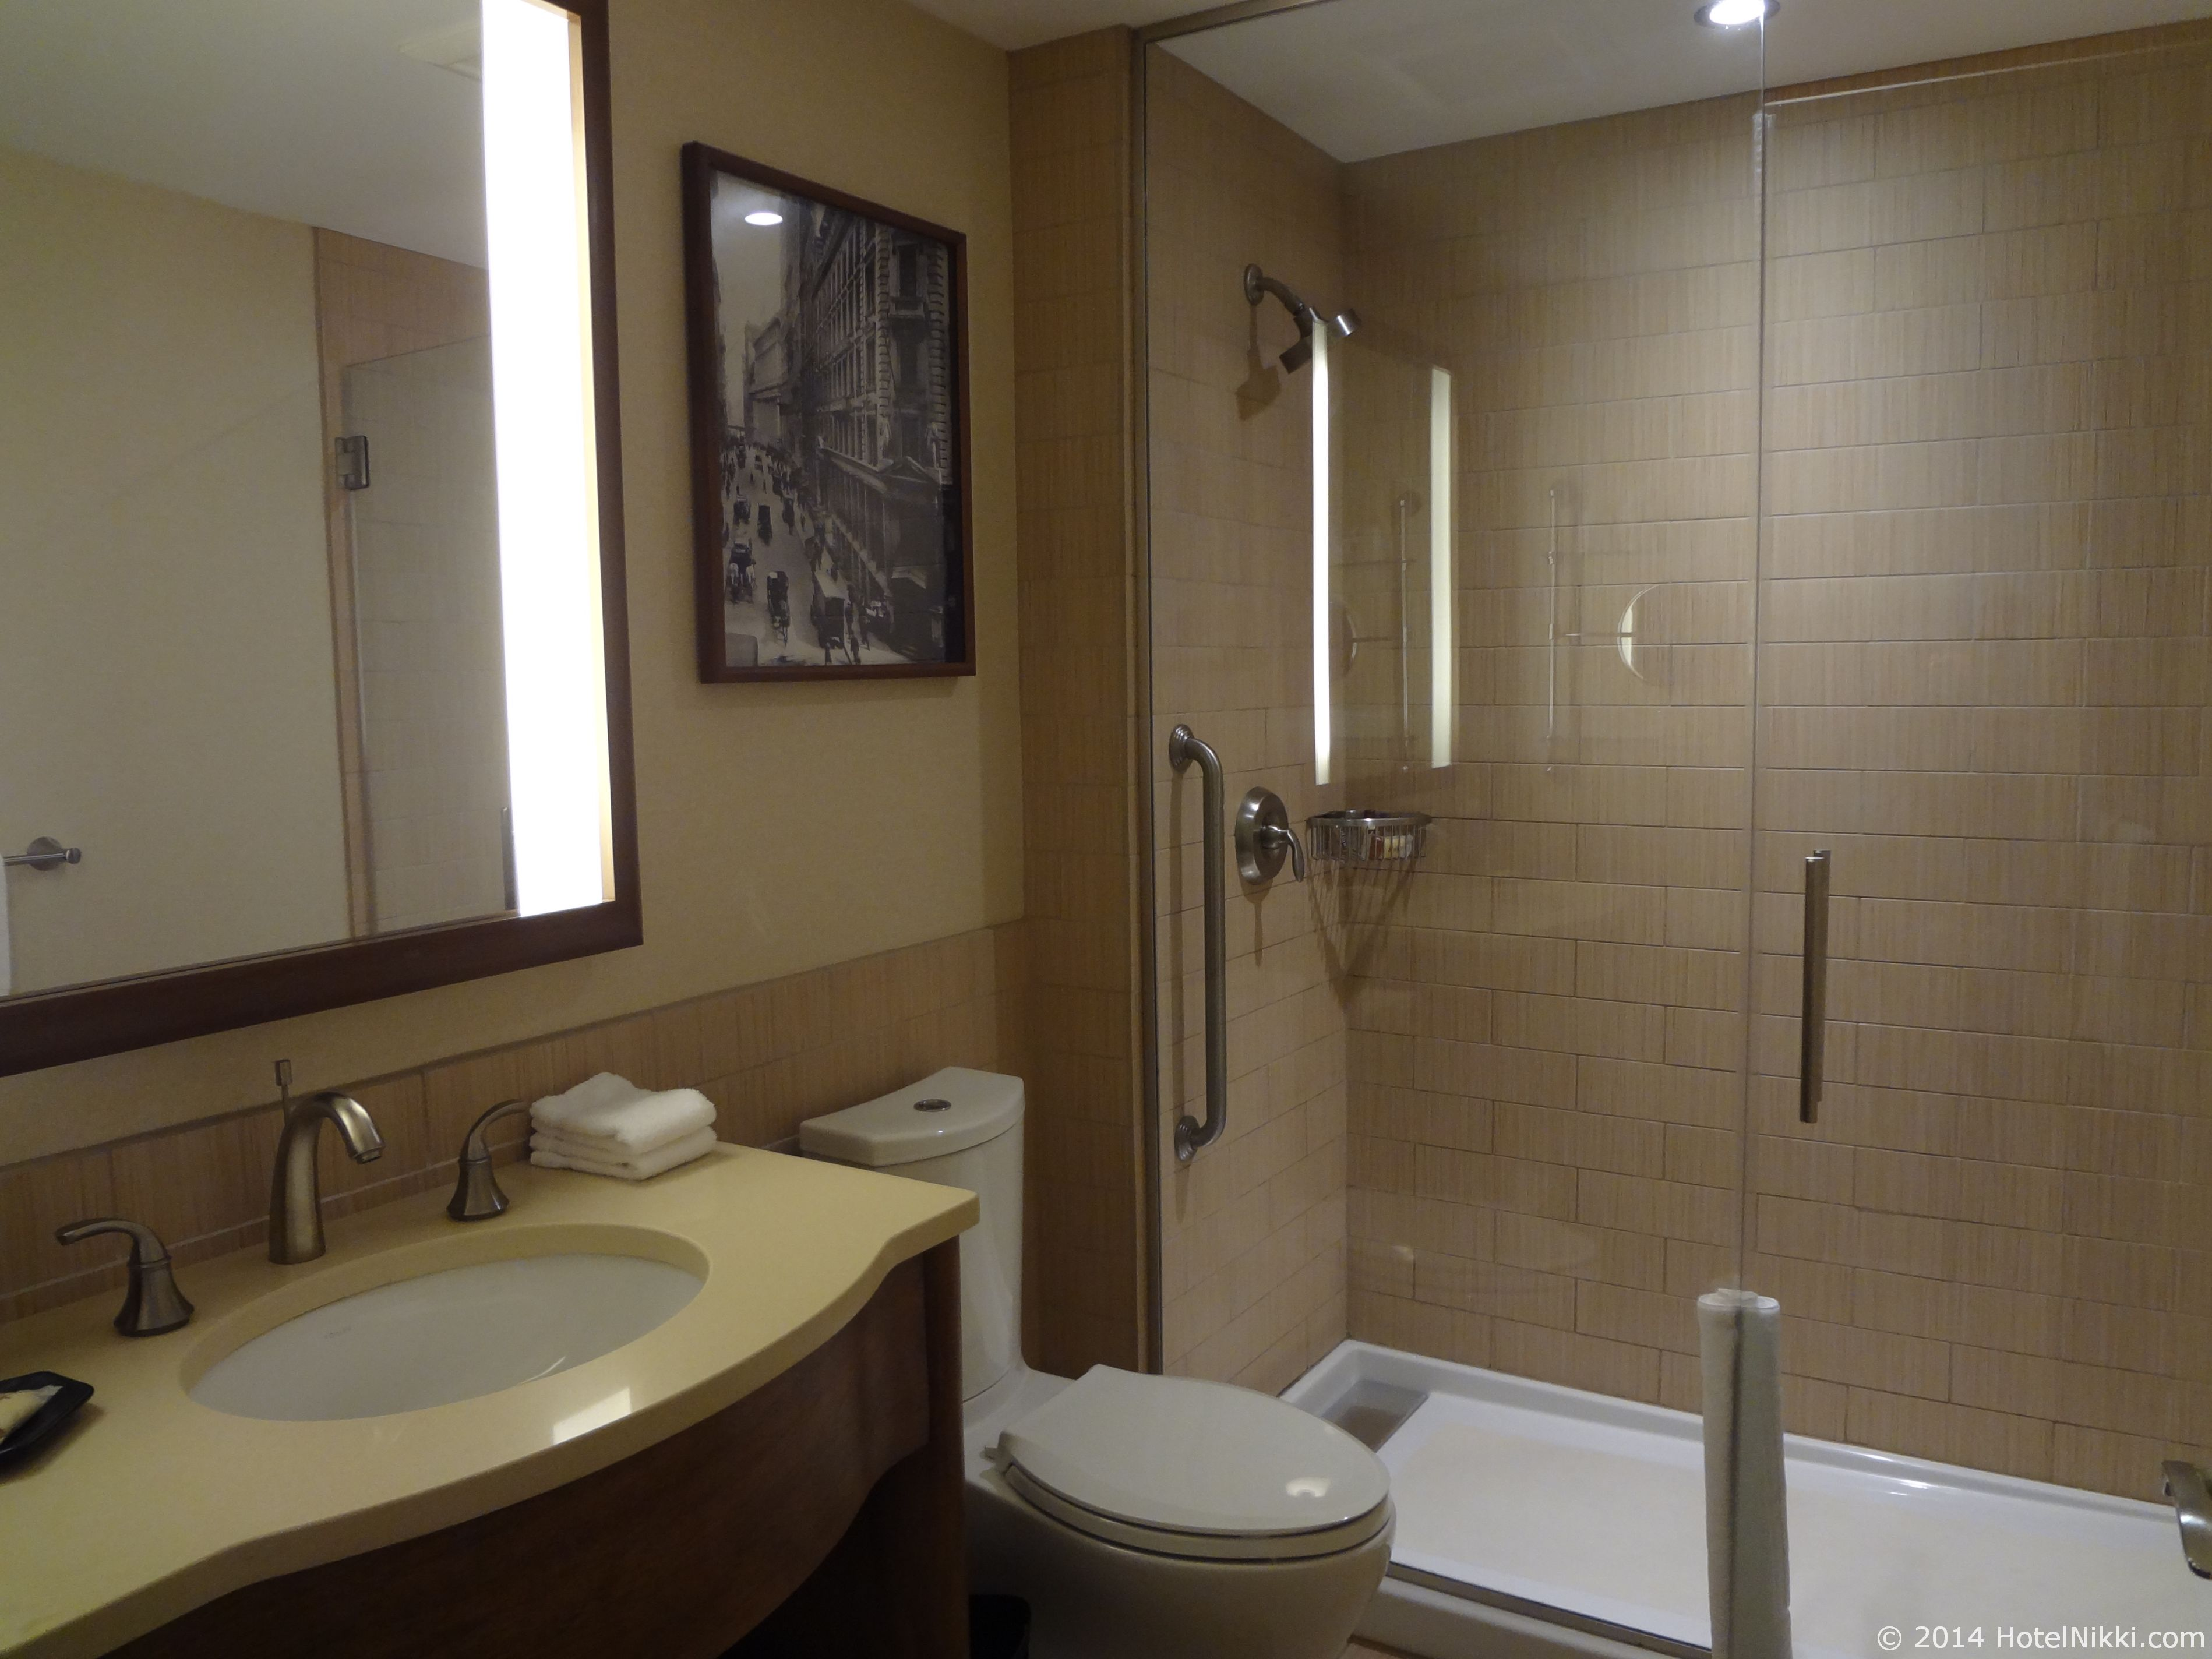 シェラトントライベッカニューヨークホテル 浴室、バスタブつきです